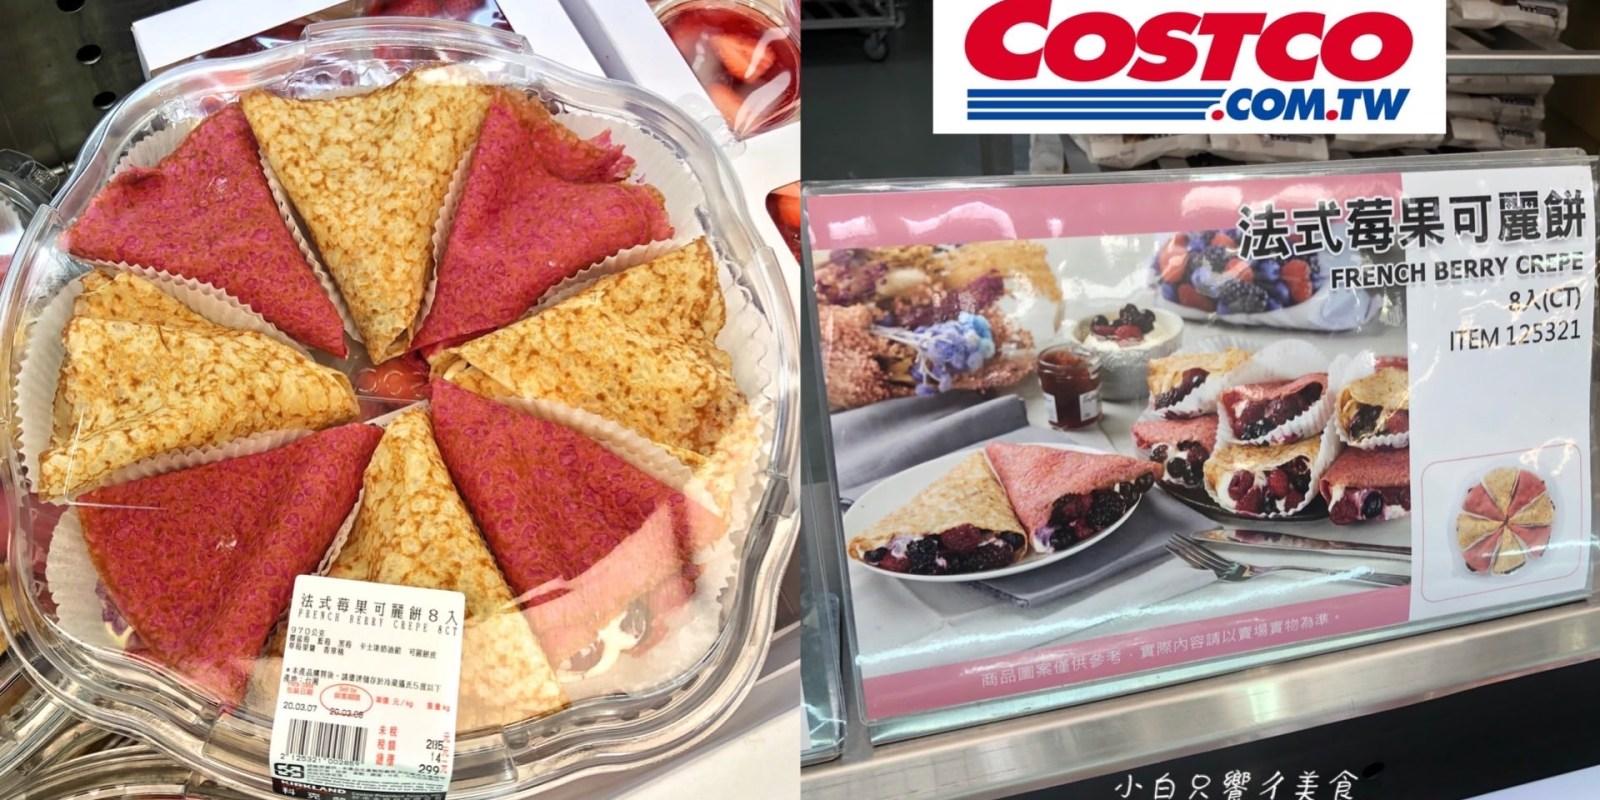 好市多超燒新品「法式莓果可麗餅 」雙色可麗餅皮超繽紛!內餡滿滿莓果好滿足可以買一波了